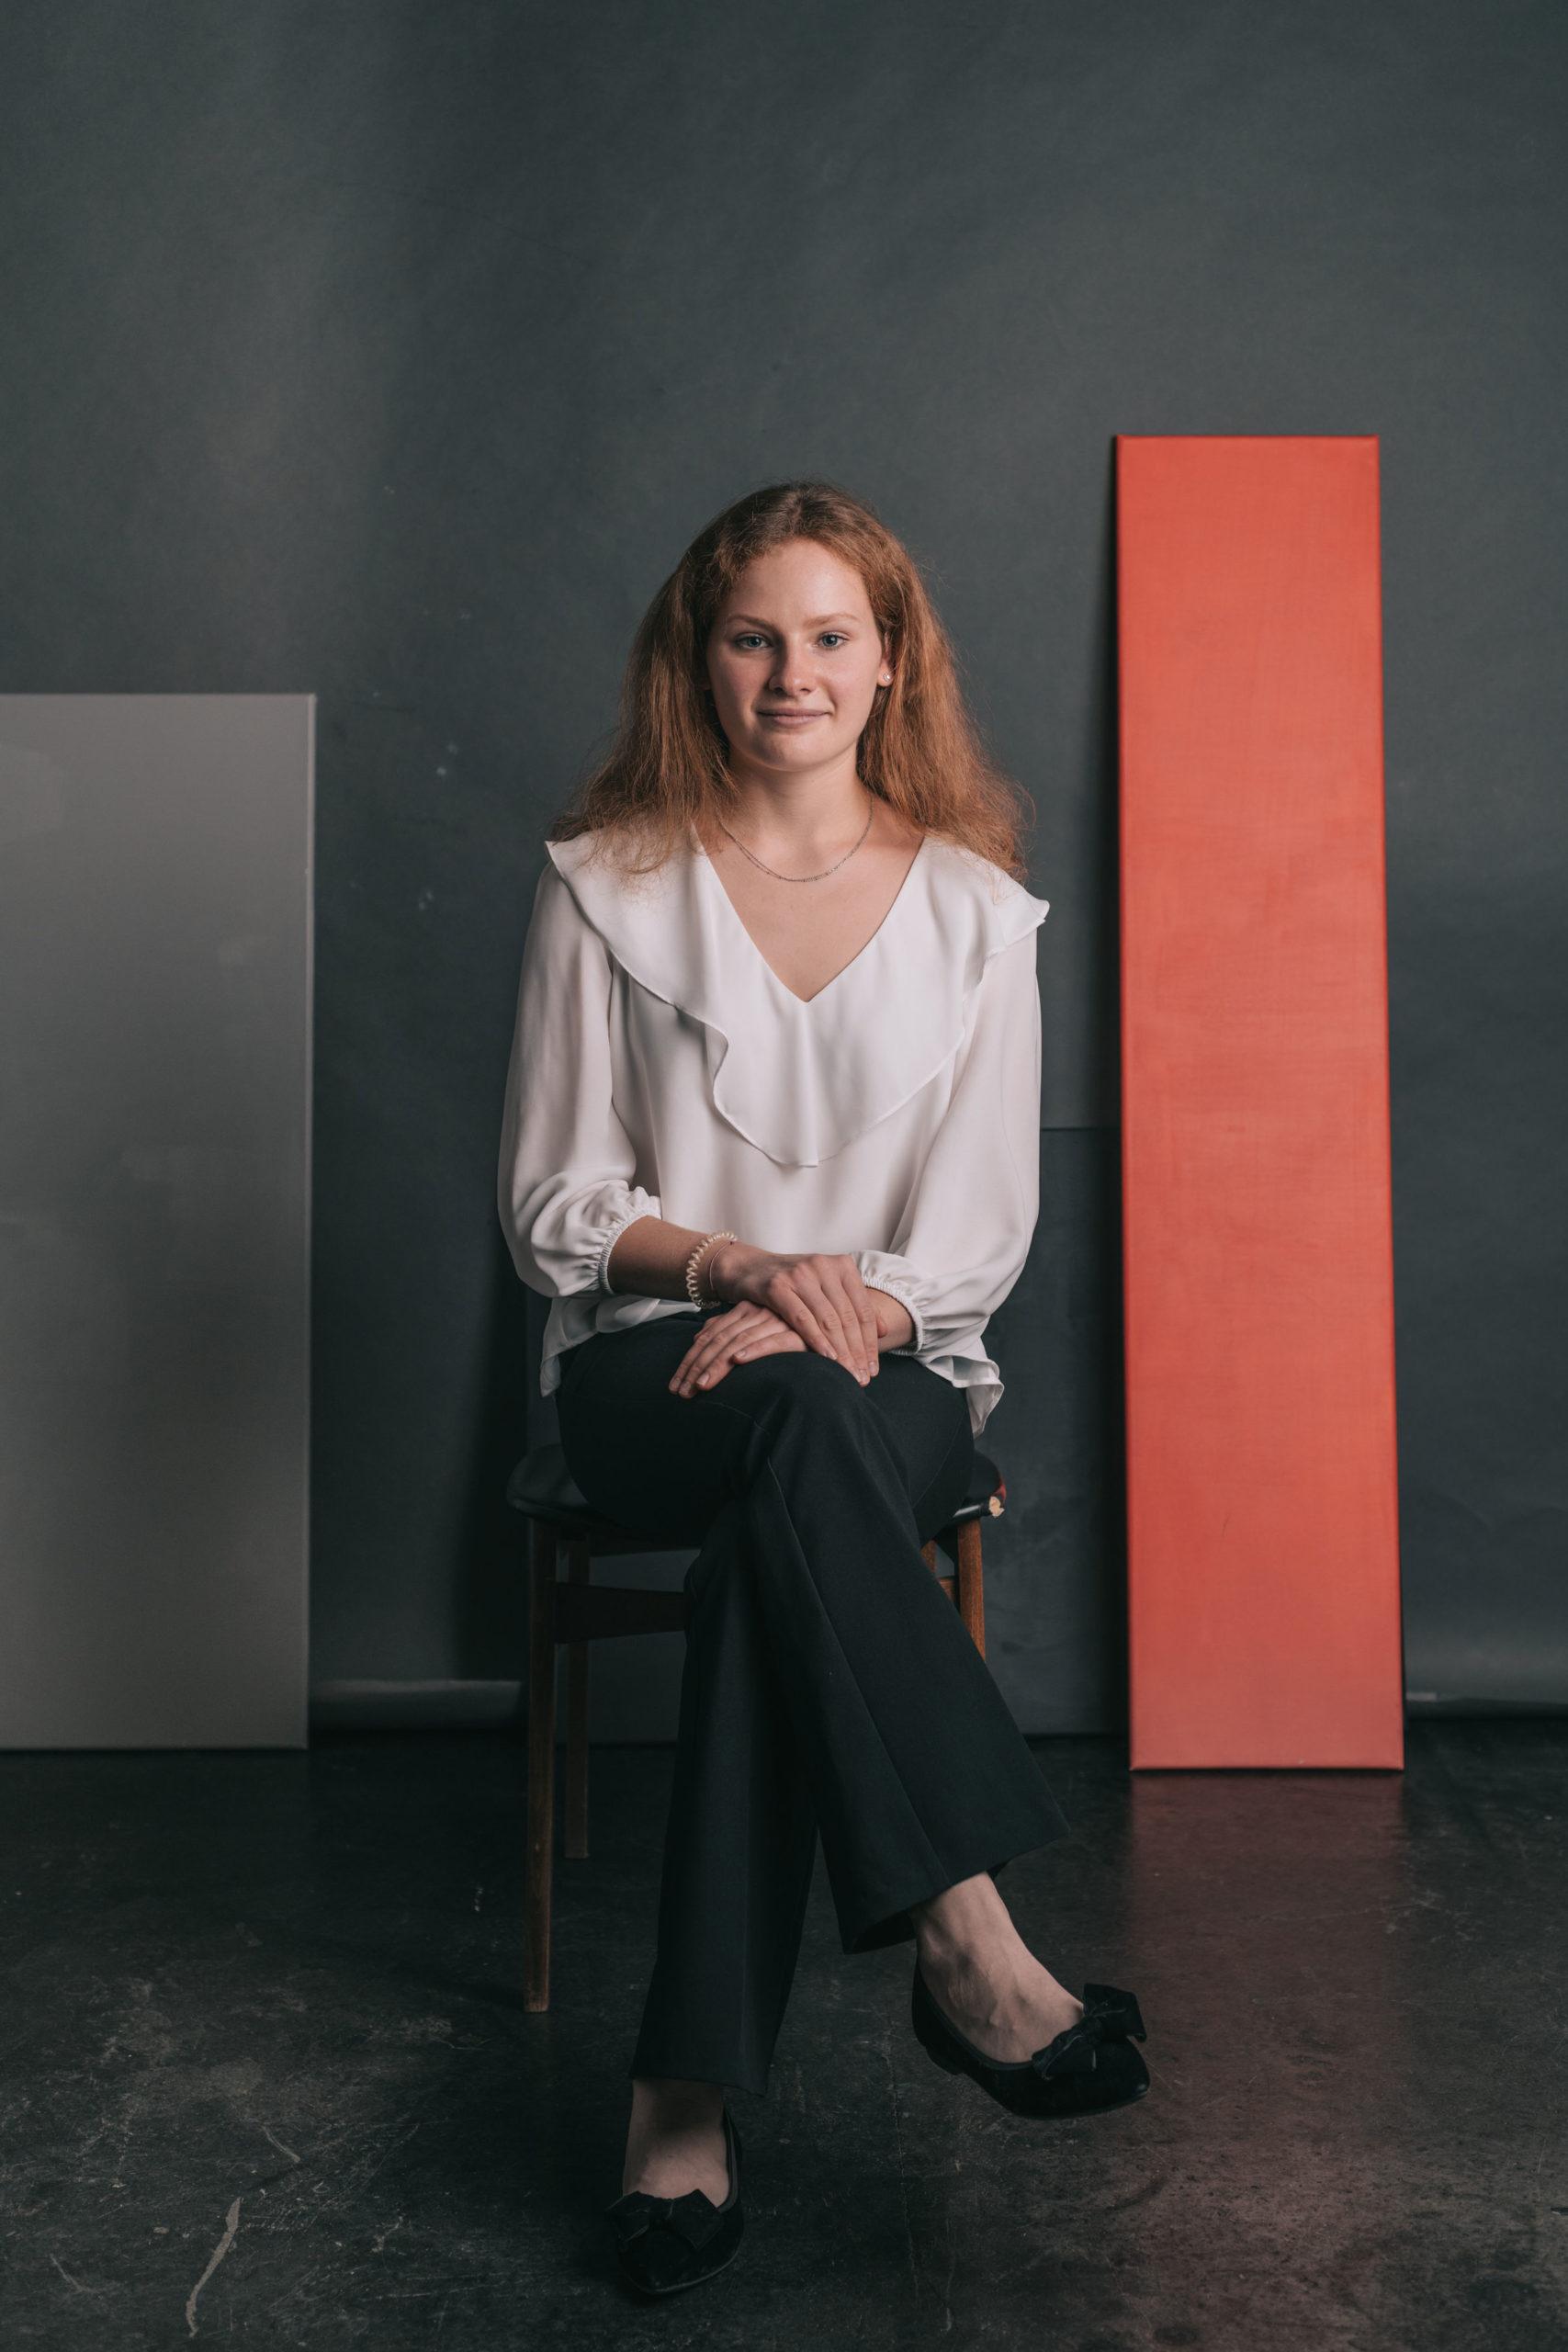 Marianne Wechdorn